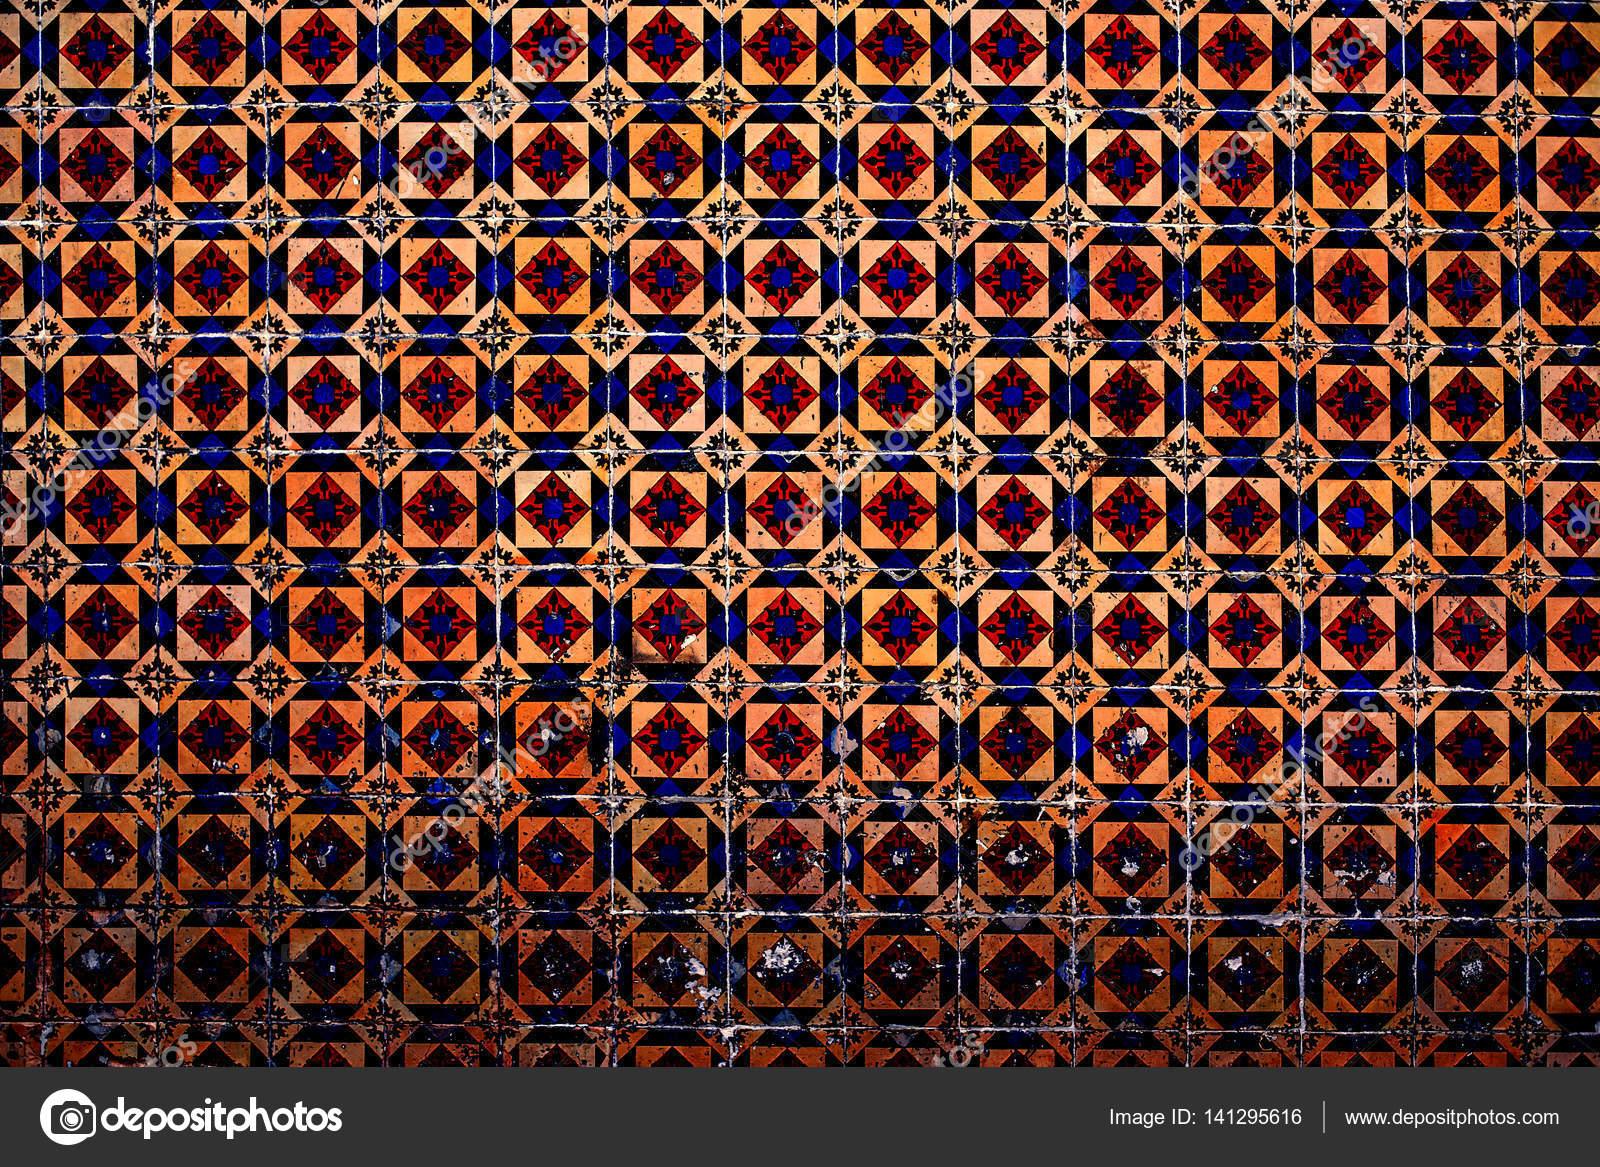 Piastrelle marocchine colorati rossi u2014 foto stock © zakharova #141295616